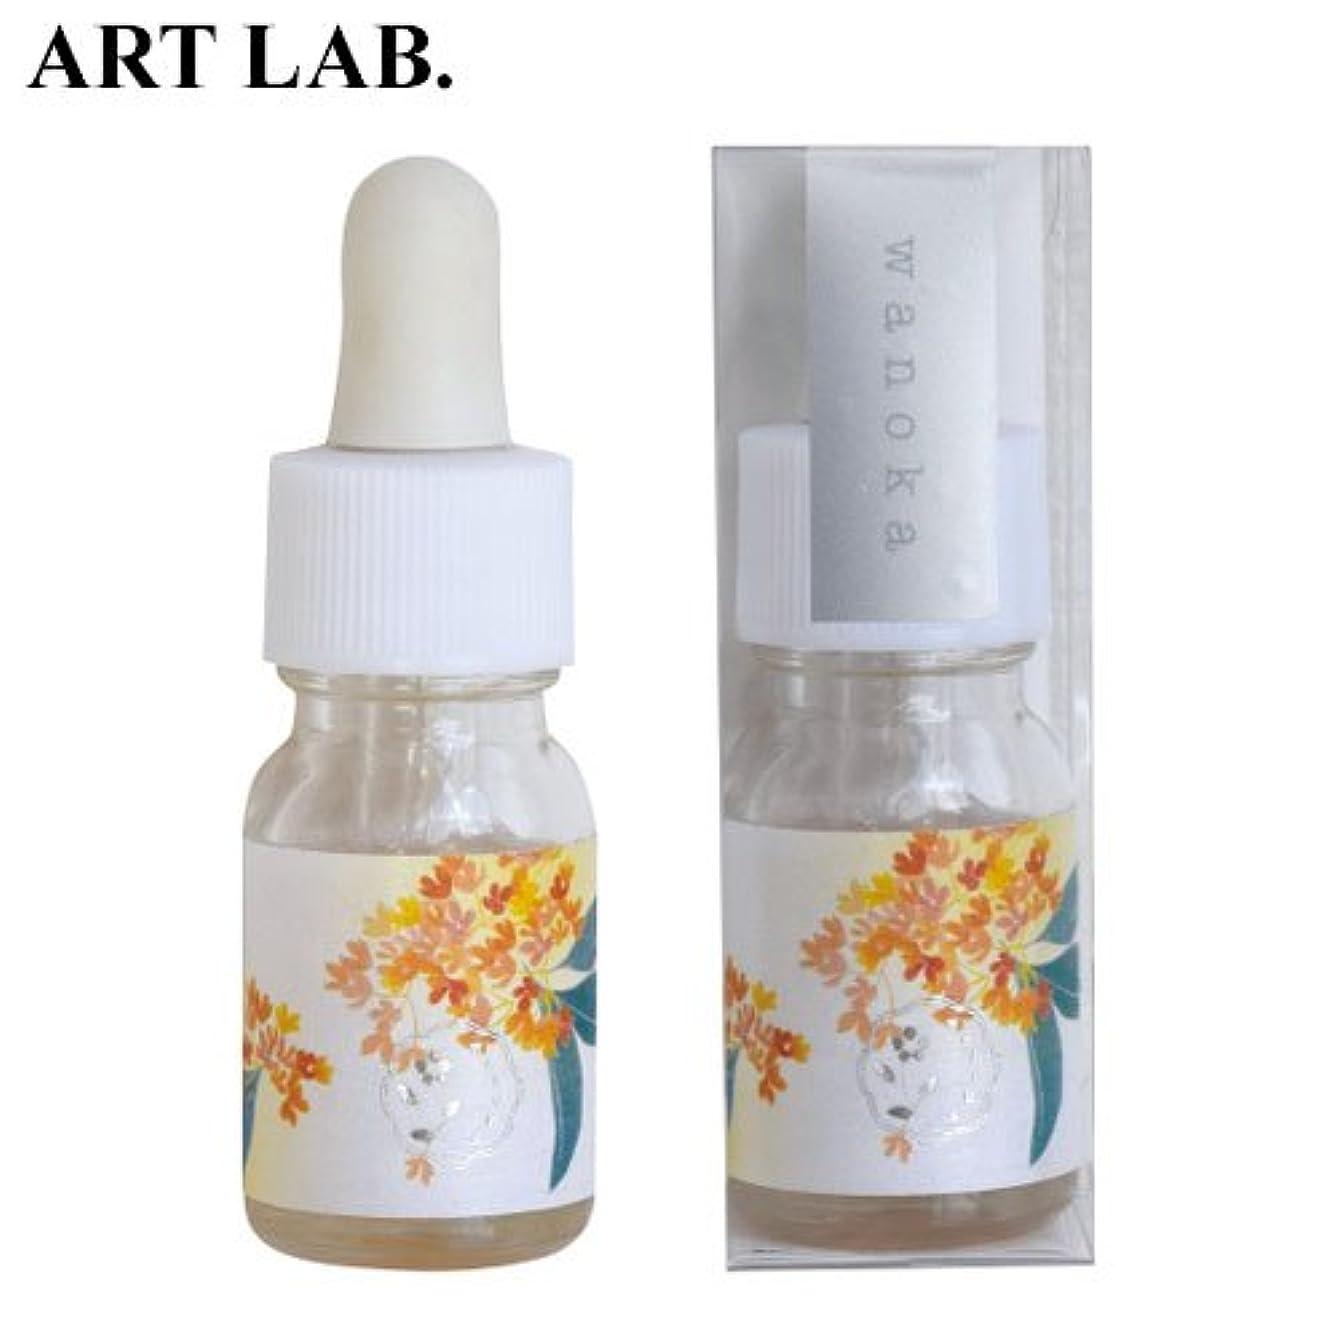 見て一握り偽善者wanoka香油アロマオイル金木犀《果実のような甘い香り》ART LABAromatic oil